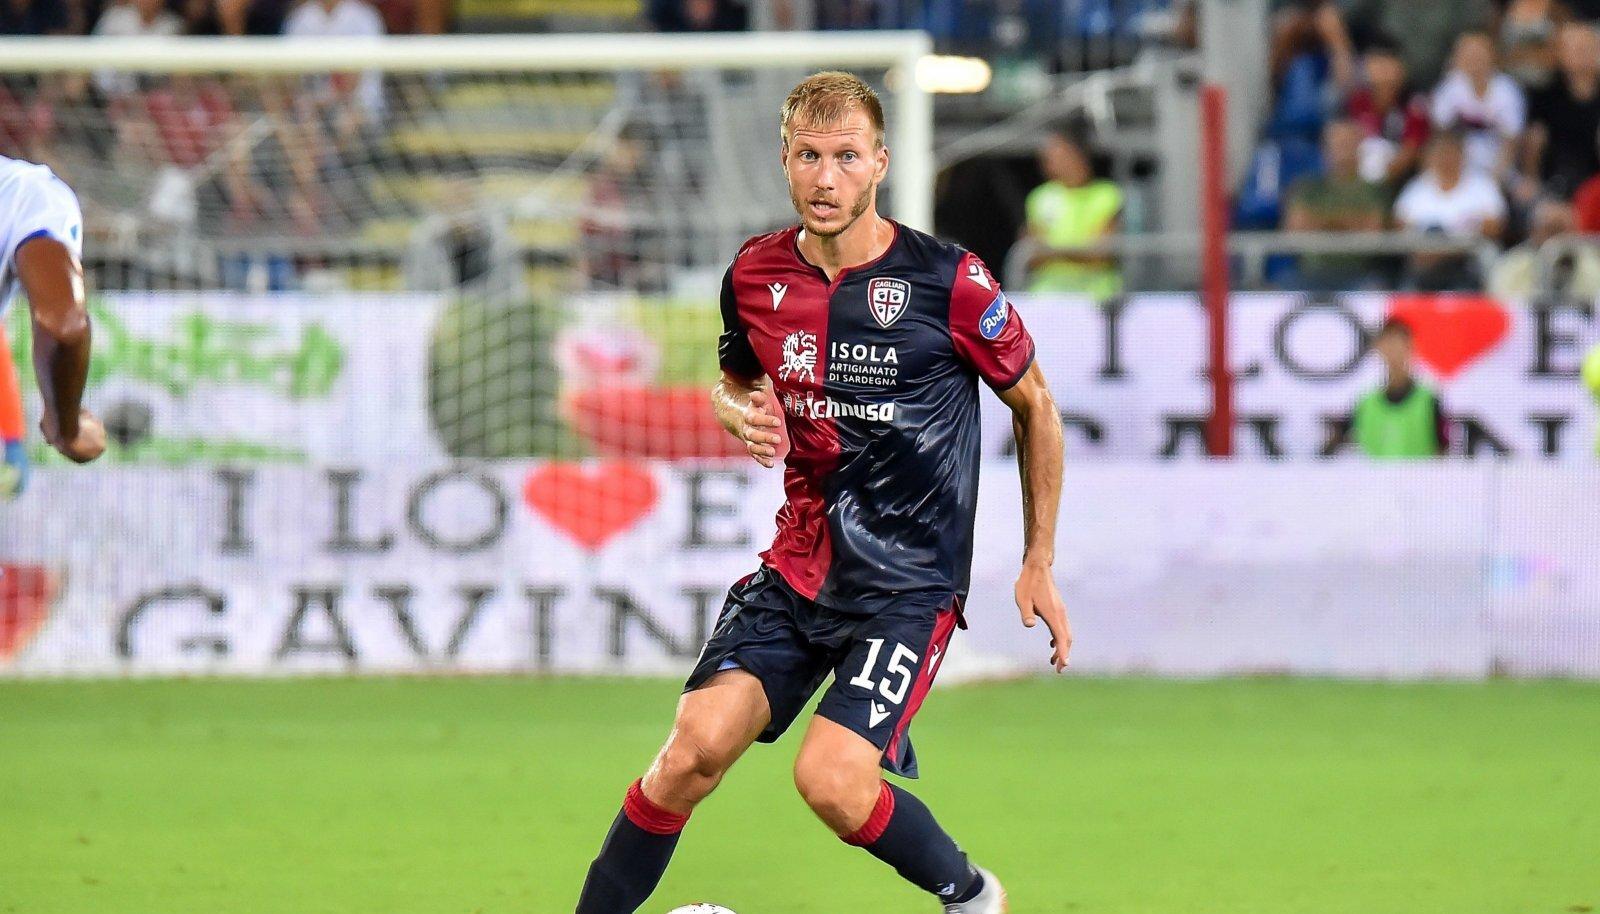 italian Serie A soccer match Italian soccer Serie A season 2019/20